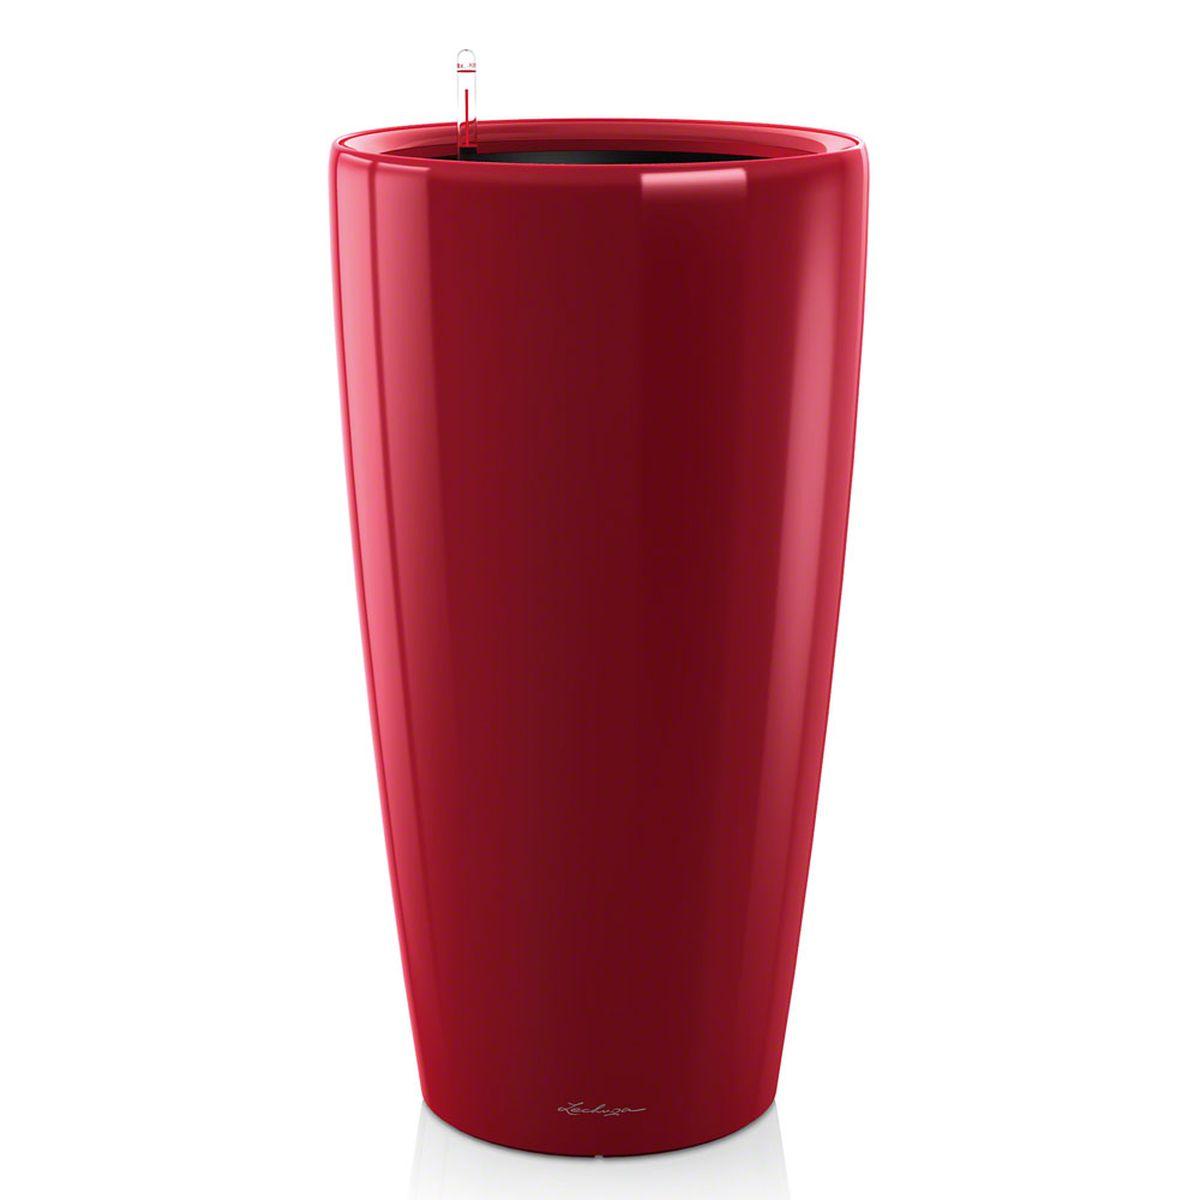 Кашпо с автополивом Lechuza Rondo 40х75 см, красноеZ-0307Изящная форма кашпо RONDO является одновременно элегантной и несложной, и позволяет представить в выгодном свете любое растение. Сочетание кашпо с моделями CLASSICO идеально дополняет общую картину.Особые преимущества:- Всегда элегантный дизайн кашпо, соответствующий серии CLASSICO- Совершенная форма кашпо, для самых разных растений и позицийВнутренний горшок с выдвижными ручками обеспечивает:- Легкую переноску даже высоких растений- Легкую смену растений